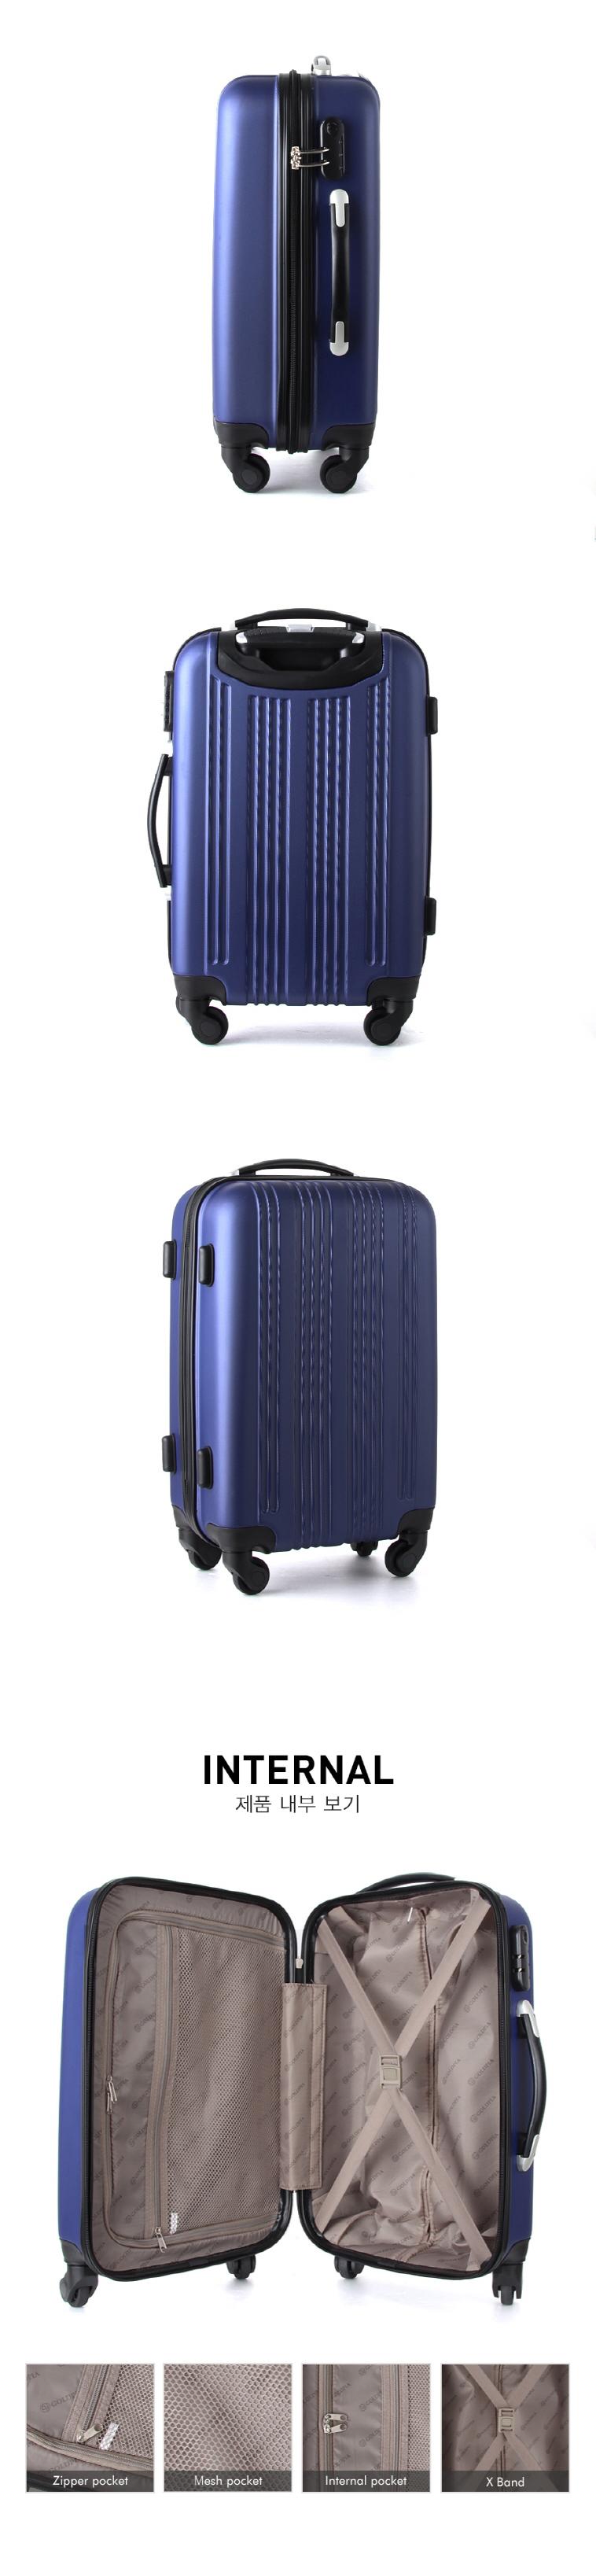 오그램 레이저 네이비 20인치 하드캐리어 여행가방 - 꼬뱅, 48,600원, 하드형, 중형(24형) 이하